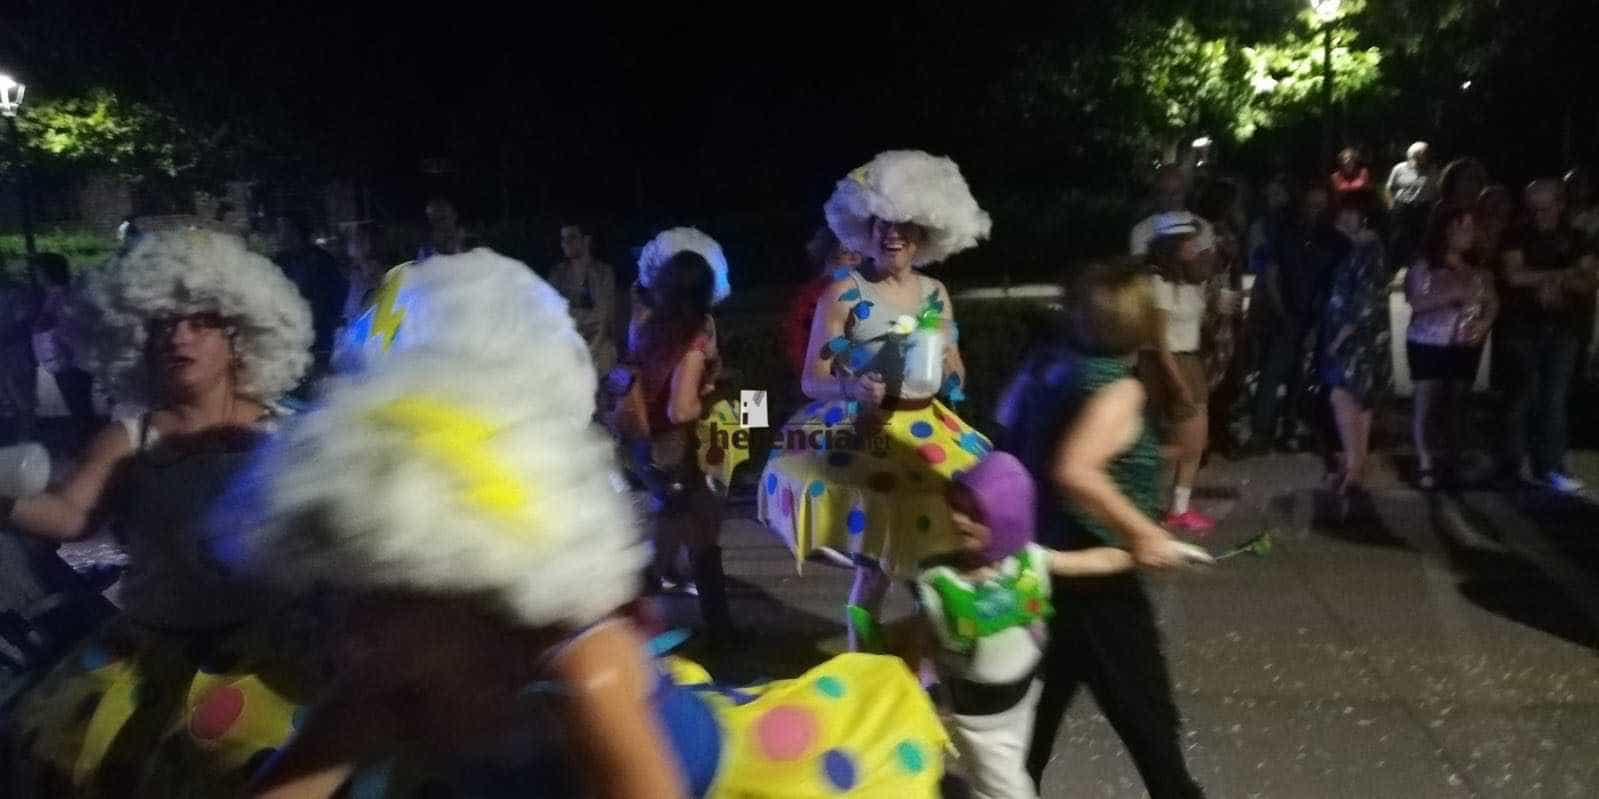 Carnaval de herencia 2019 galeria 35 - Galería de fotografías del Carnaval de Verano 2019